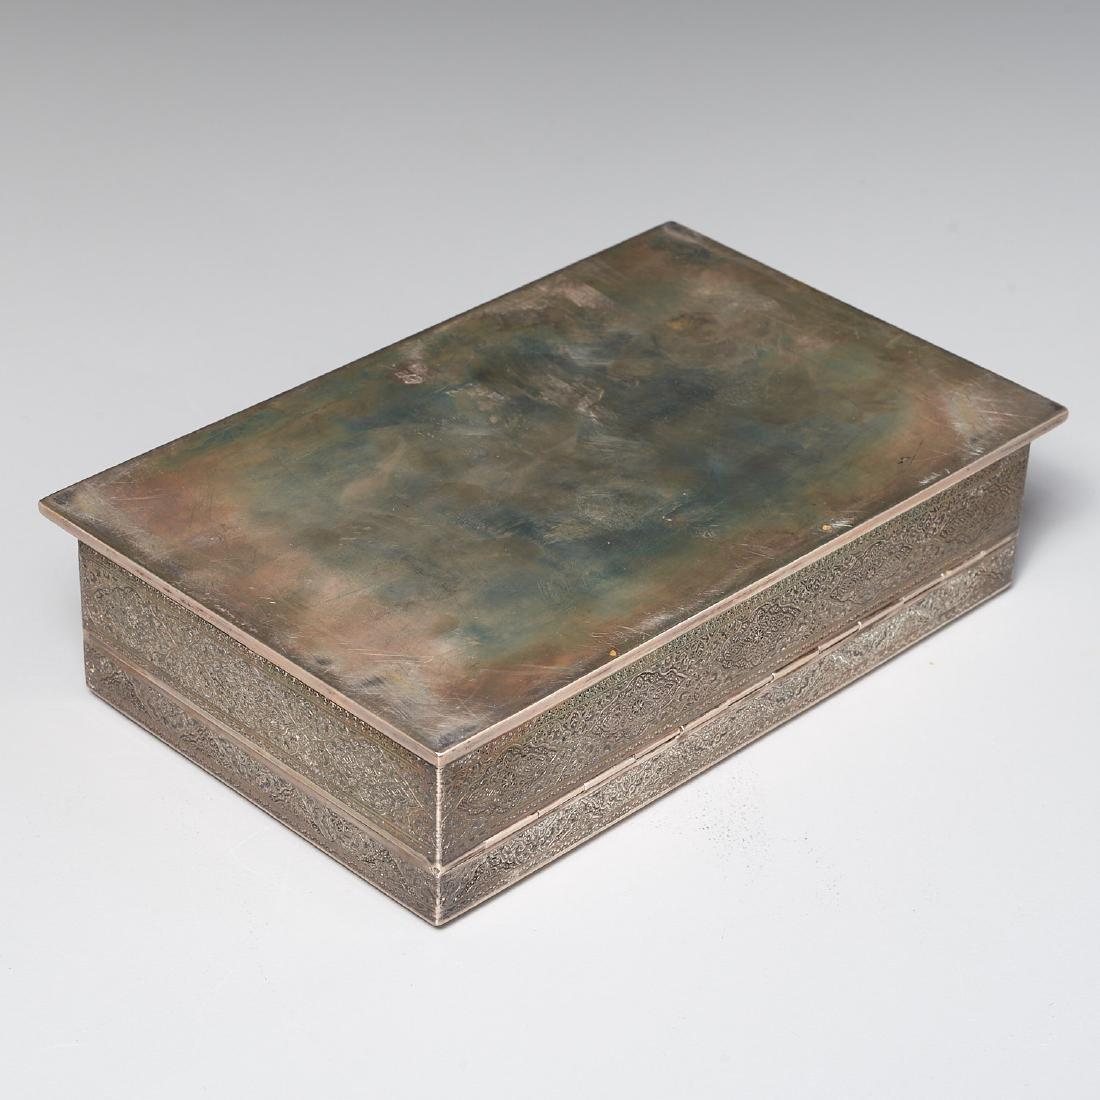 Persian silver box - 9